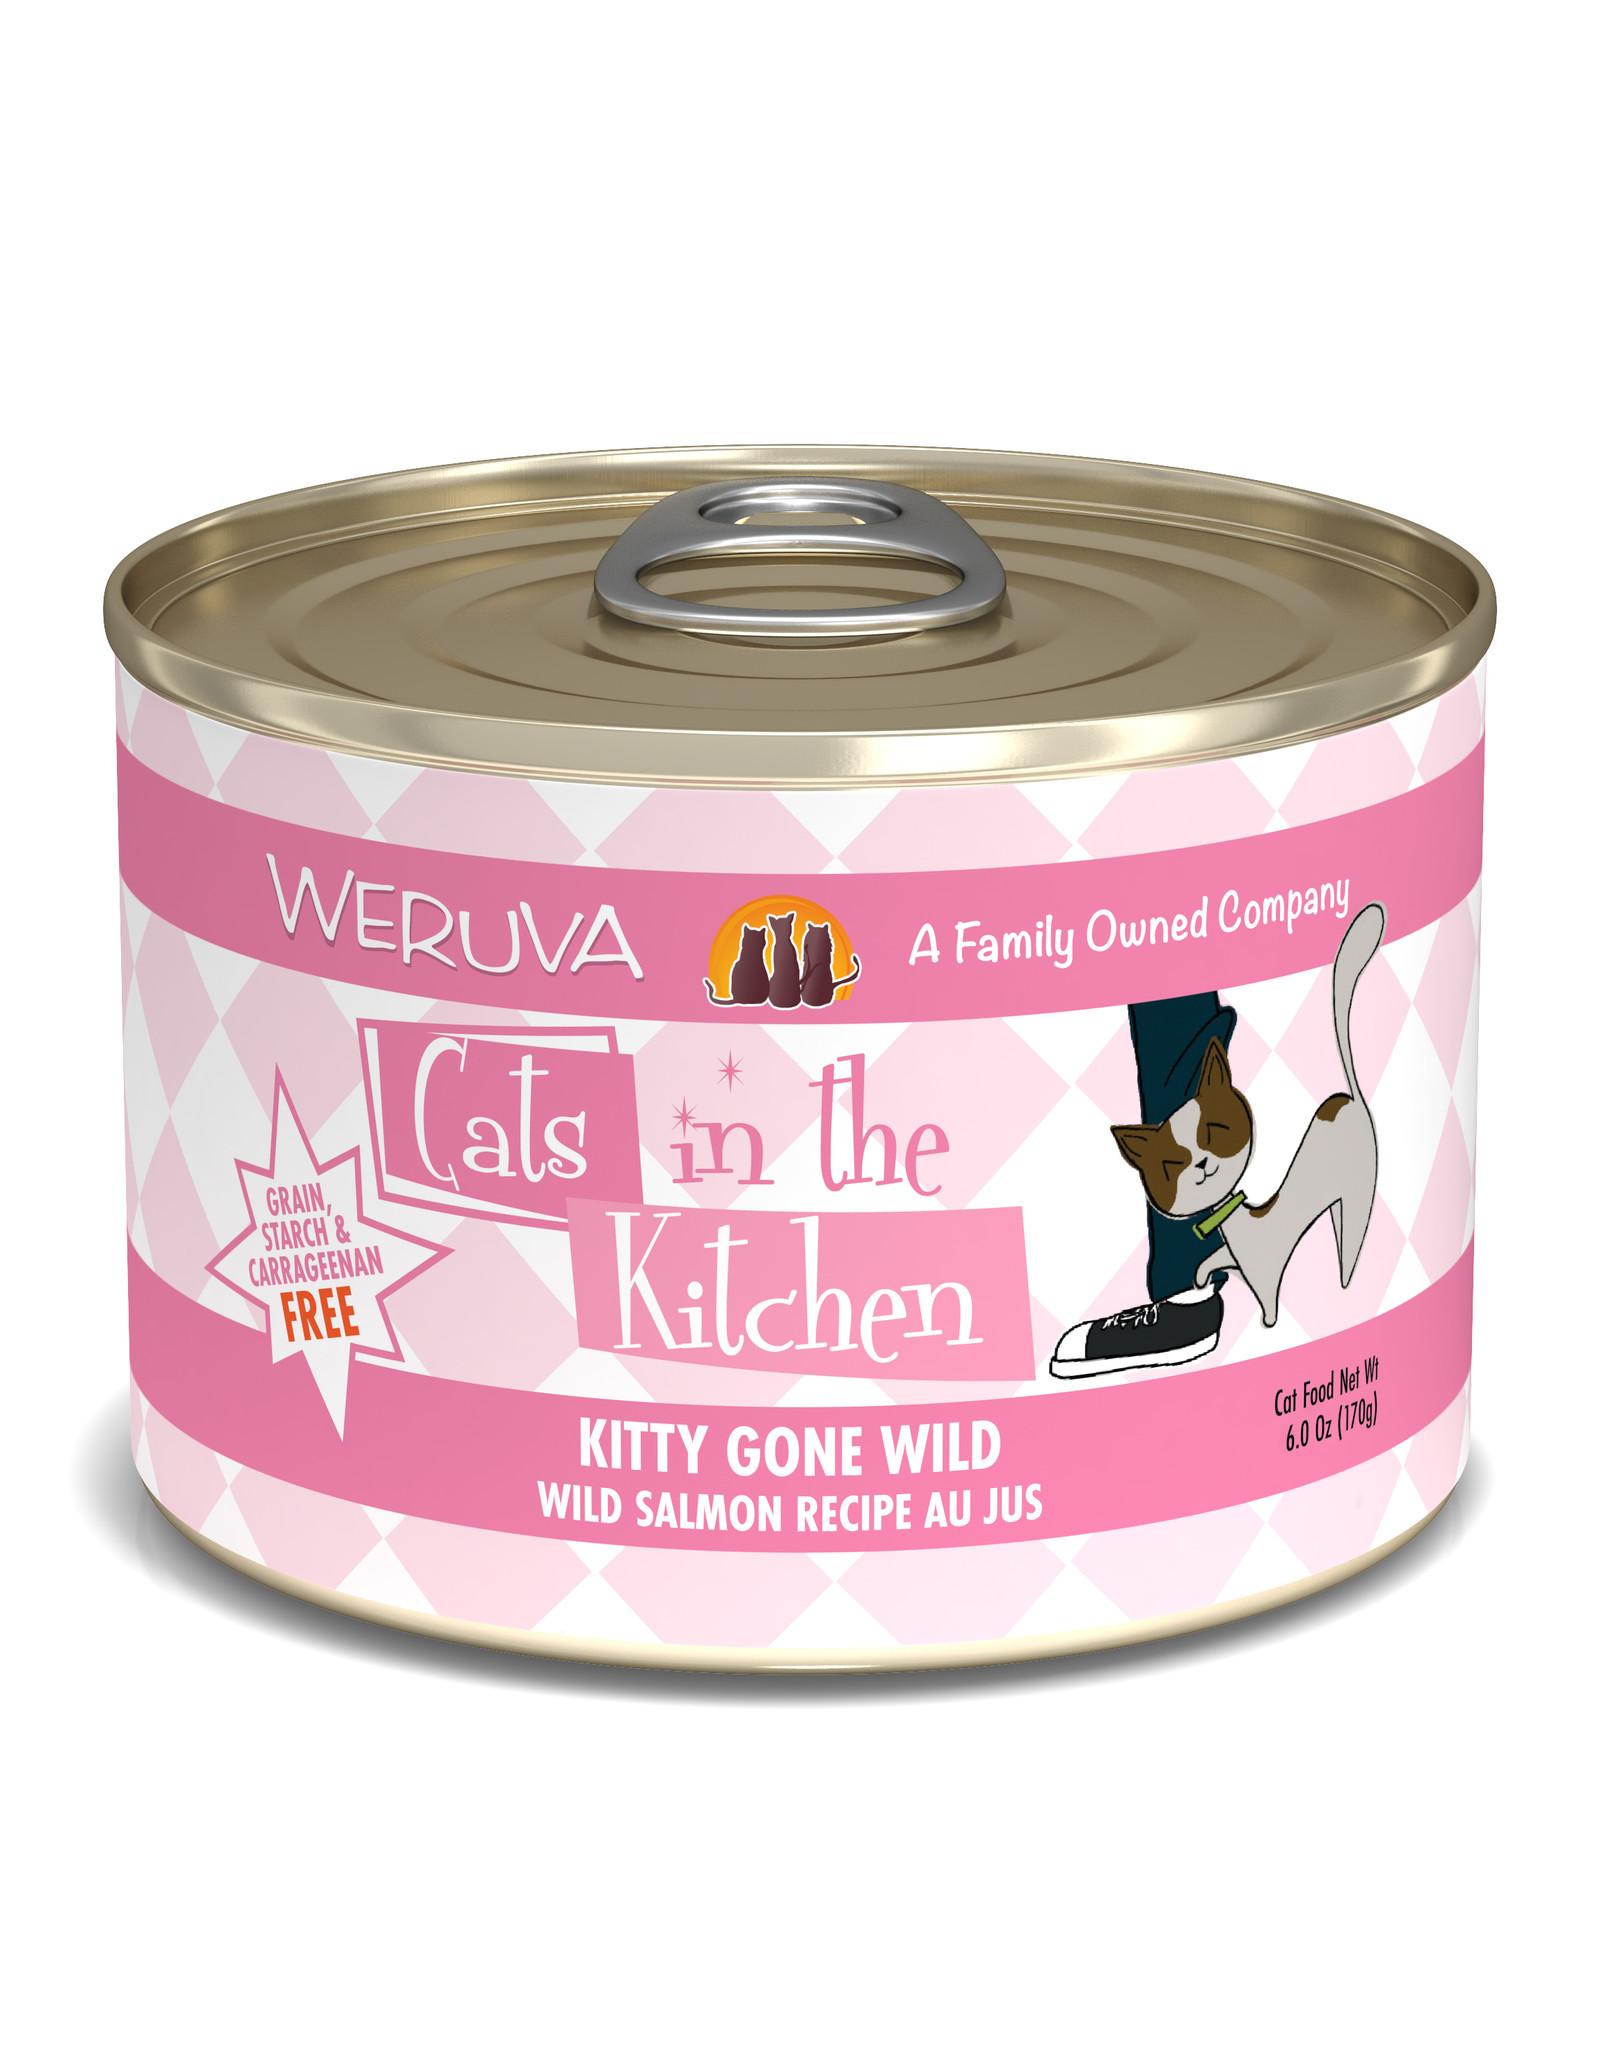 Weruva WERUVA CAT CATS IN THE KITCHEN KITTY GONE WILD WILD SALMON RECIPE AU JUS